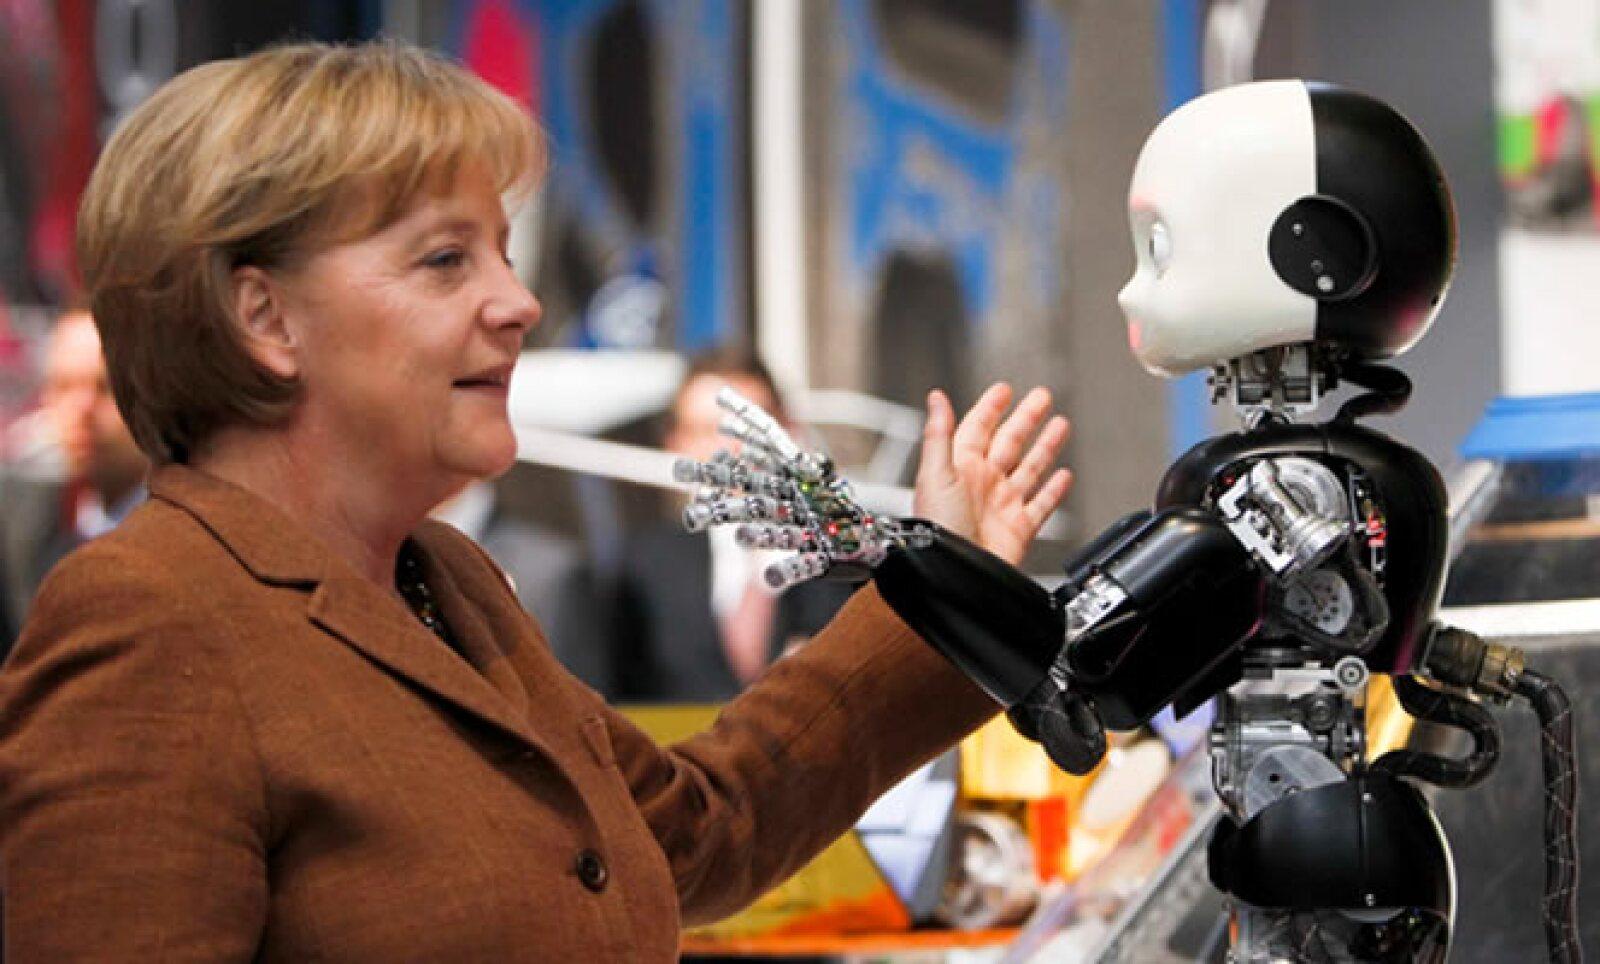 La canciller alemana Angela Merkel estuvo en la Feria y posó frente a un robot italiano que imitaba sus movimientos.